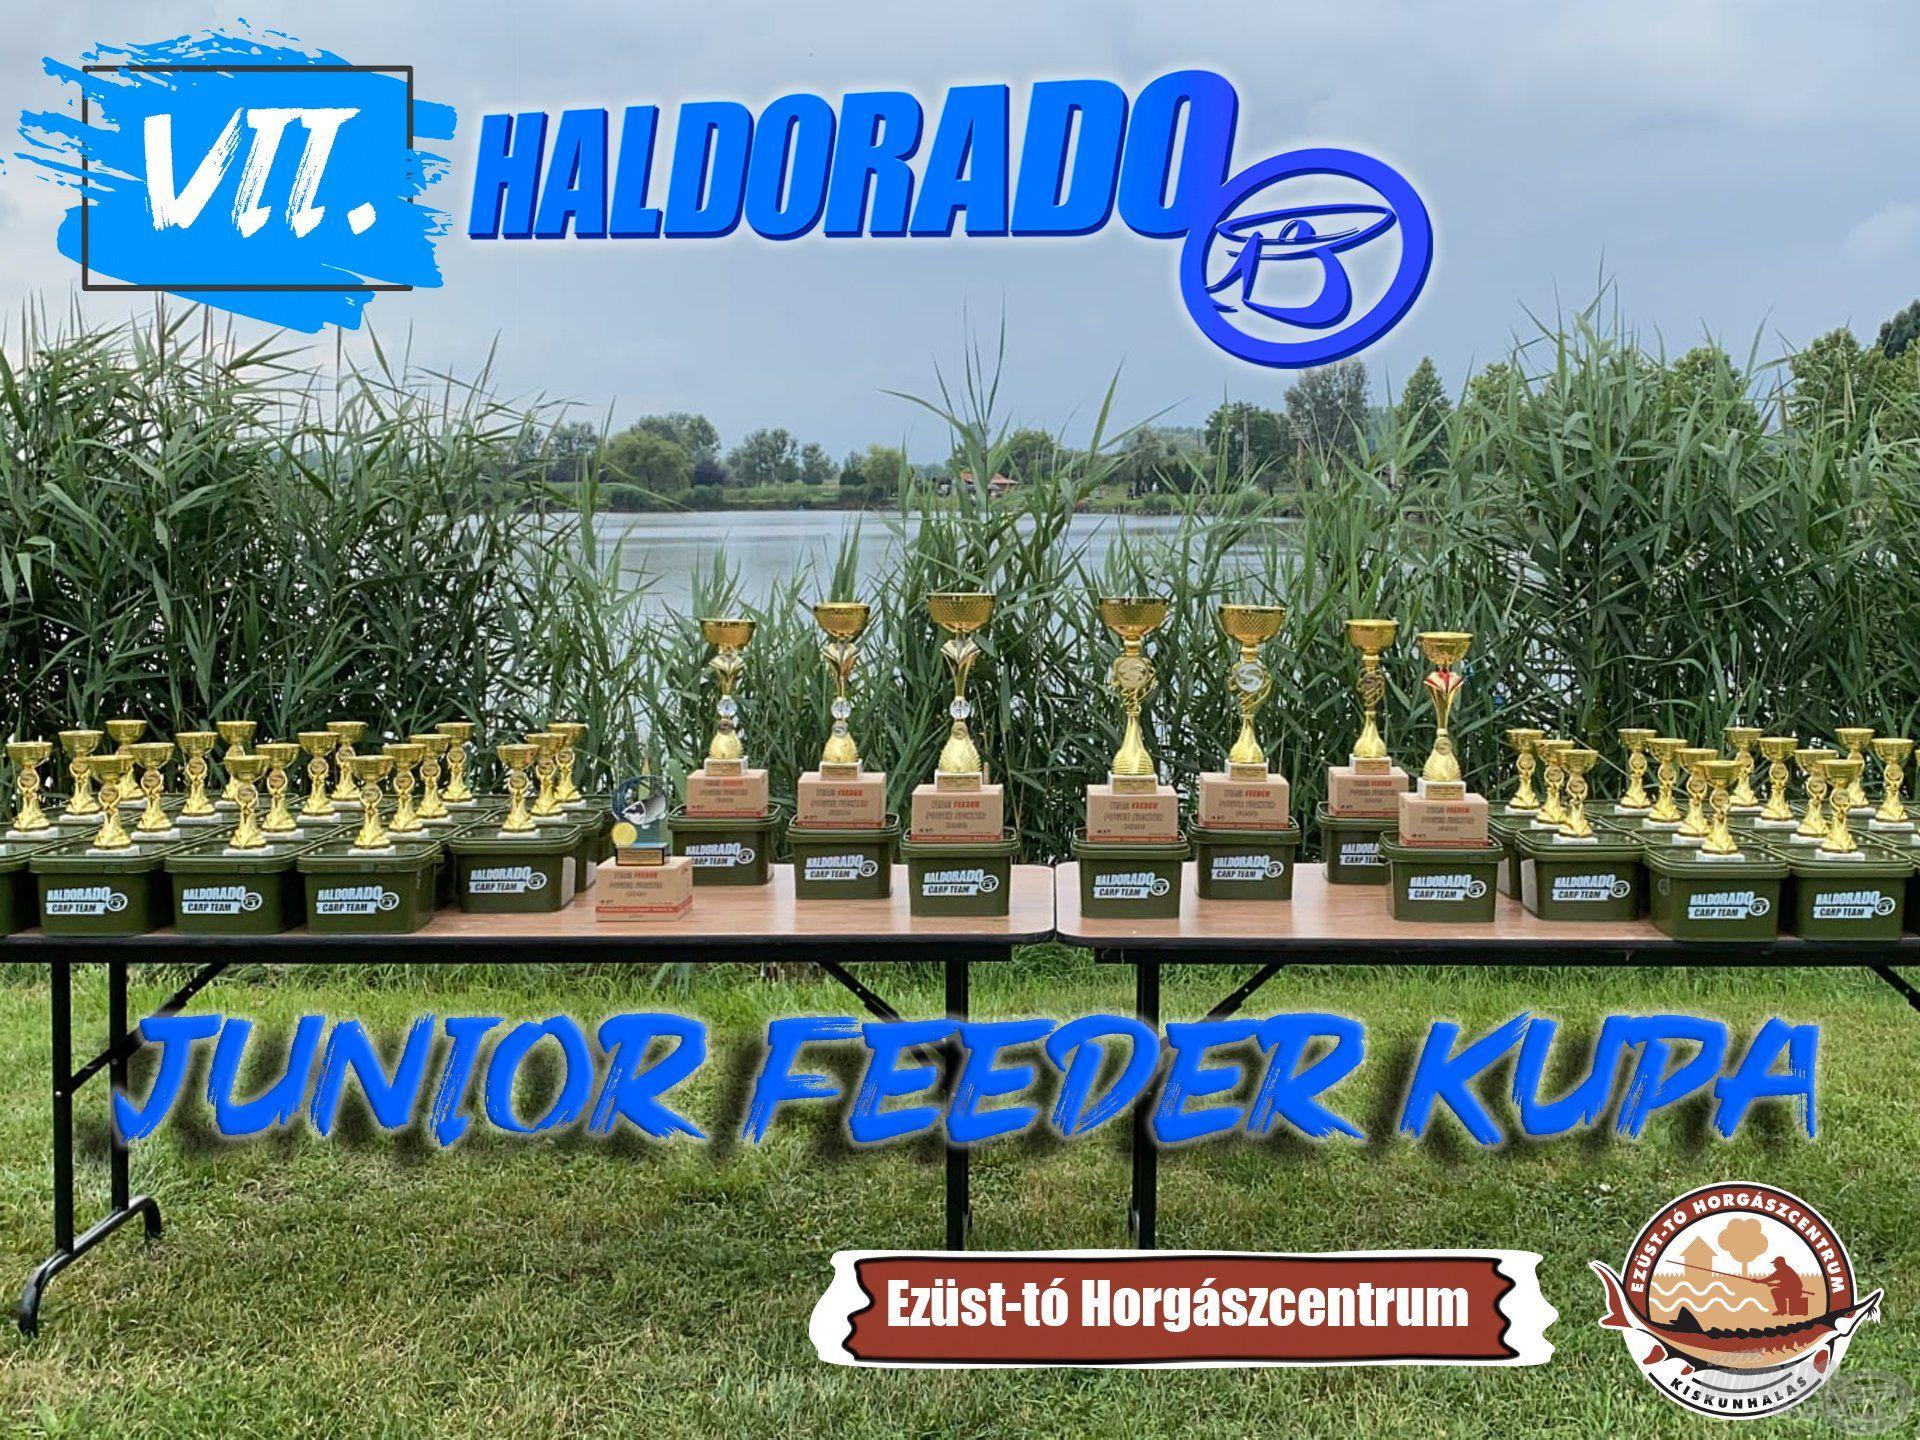 VII. Haldorádó Junior Feeder Kupa – versenykiírás